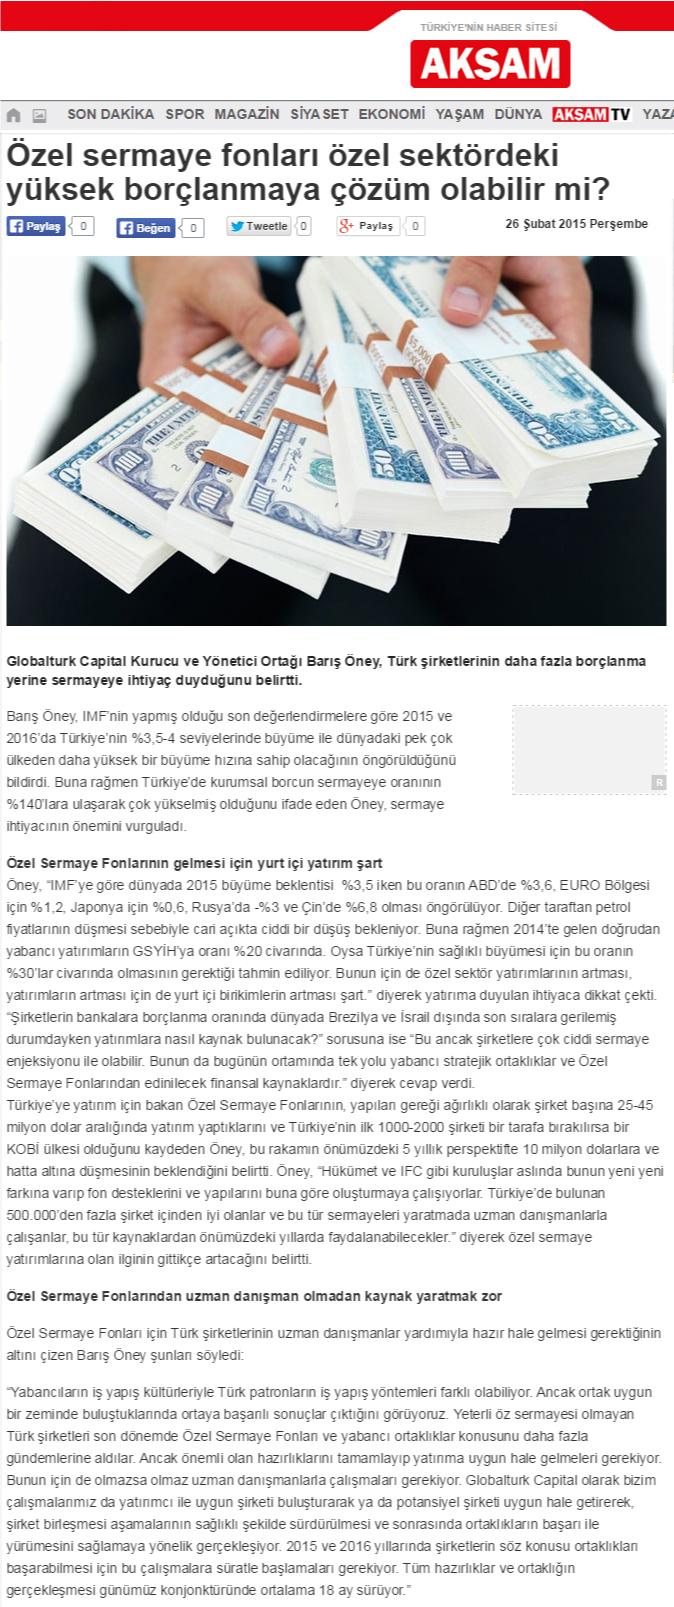 Özel Sermaye Fonları Özel Sektördeki Yüksek Borçlanmaya Çözüm Olabilir mi? | Akşam